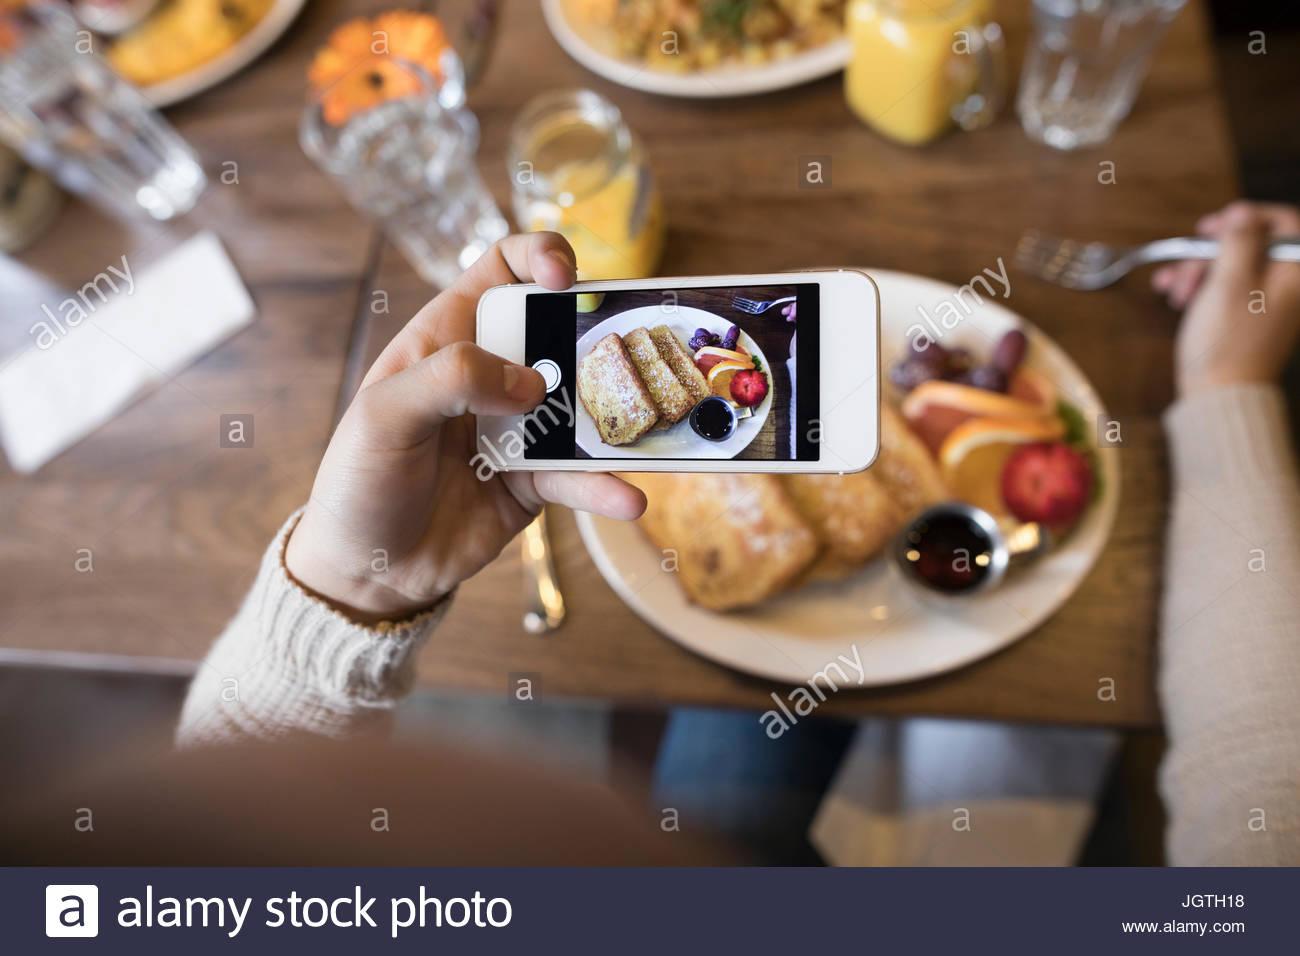 Point de vue personnel sur l'adolescente la photographie alimentaire brunch with camera phone Photo Stock